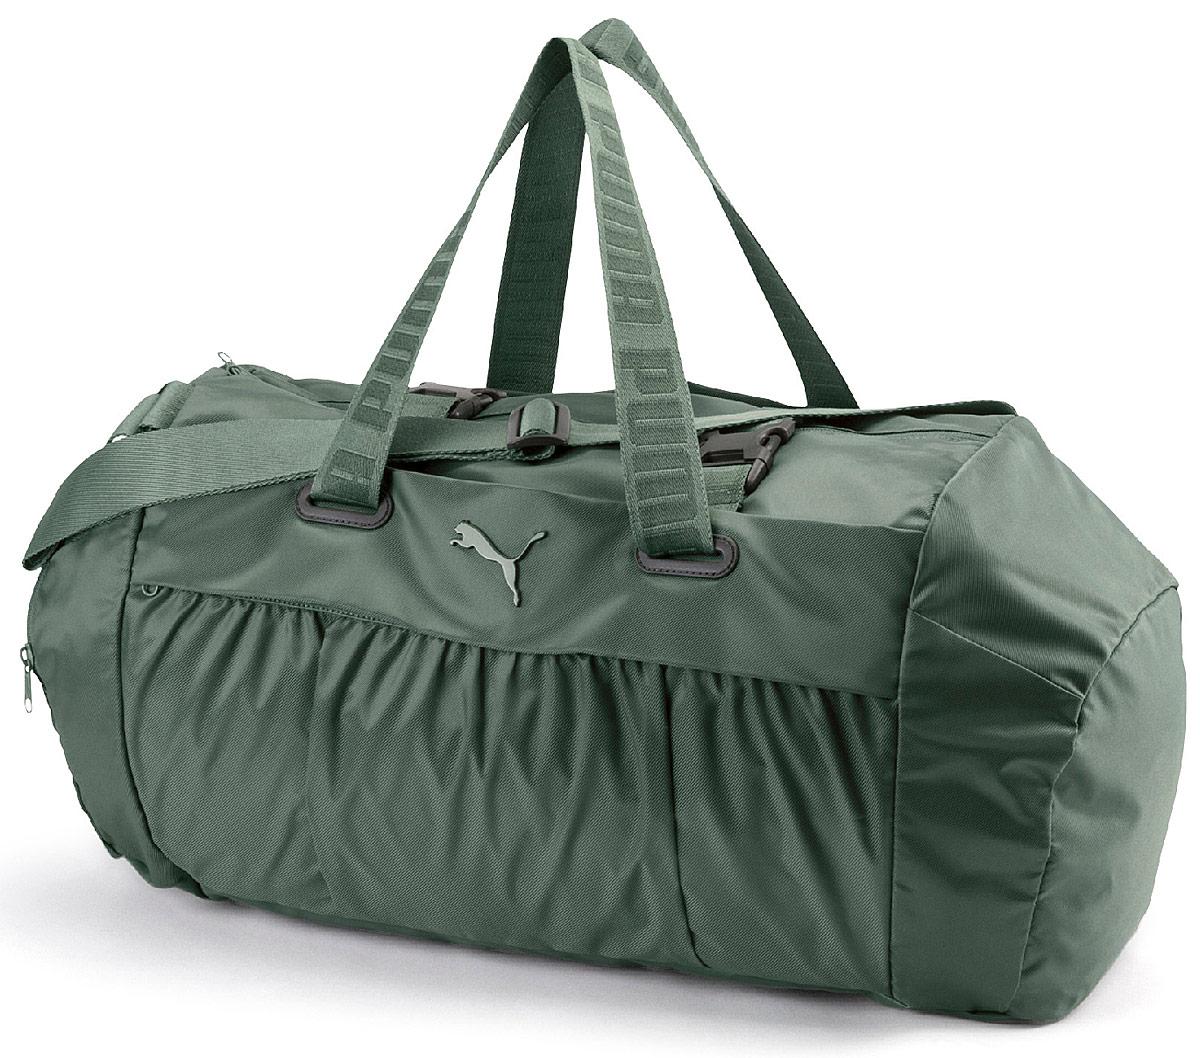 192060f80166 Сумка спортивная женская Puma AT Sports Duffle, цвет: зеленый. 07504806 —  купить в интернет-магазине OZON.ru с быстрой доставкой